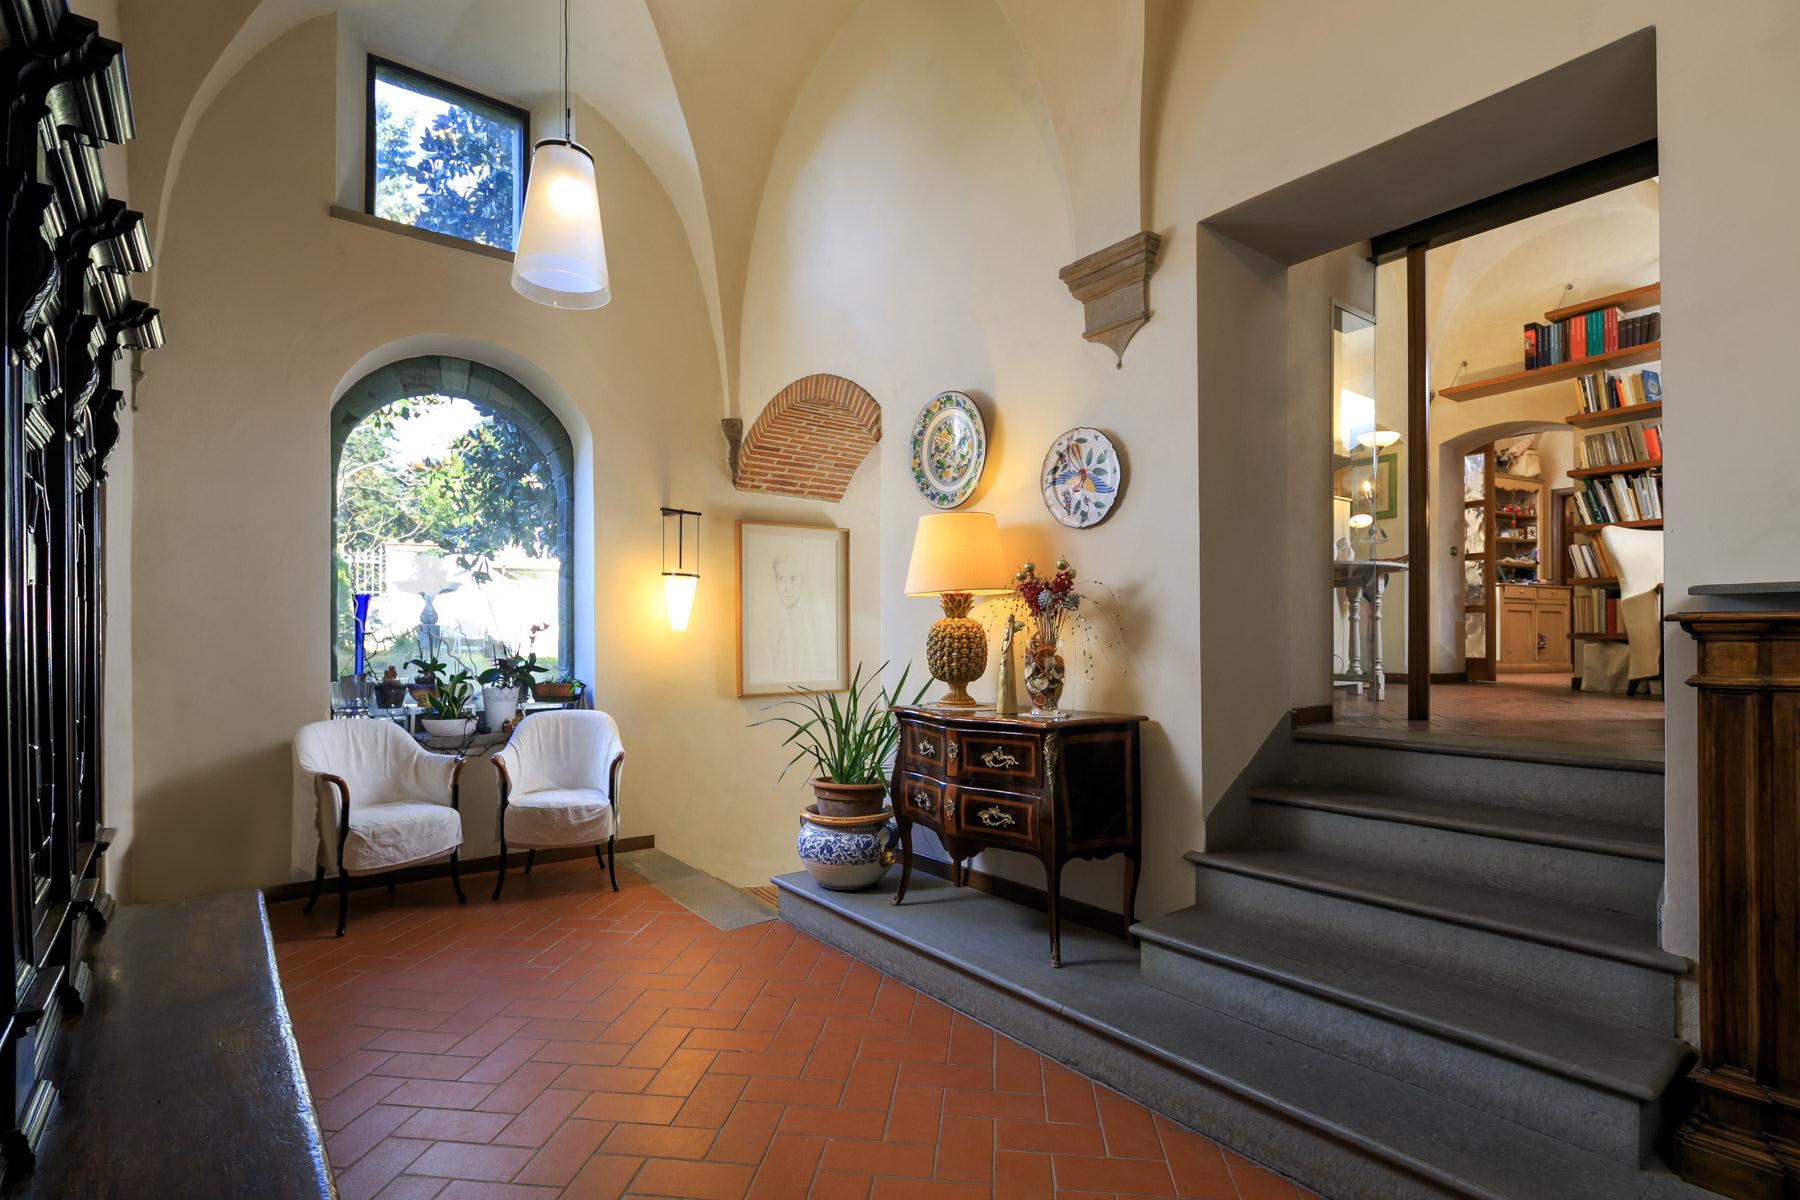 Agenzie Immobiliari Arezzo palazzo di lusso in vendita ad arezzo via pellicceria